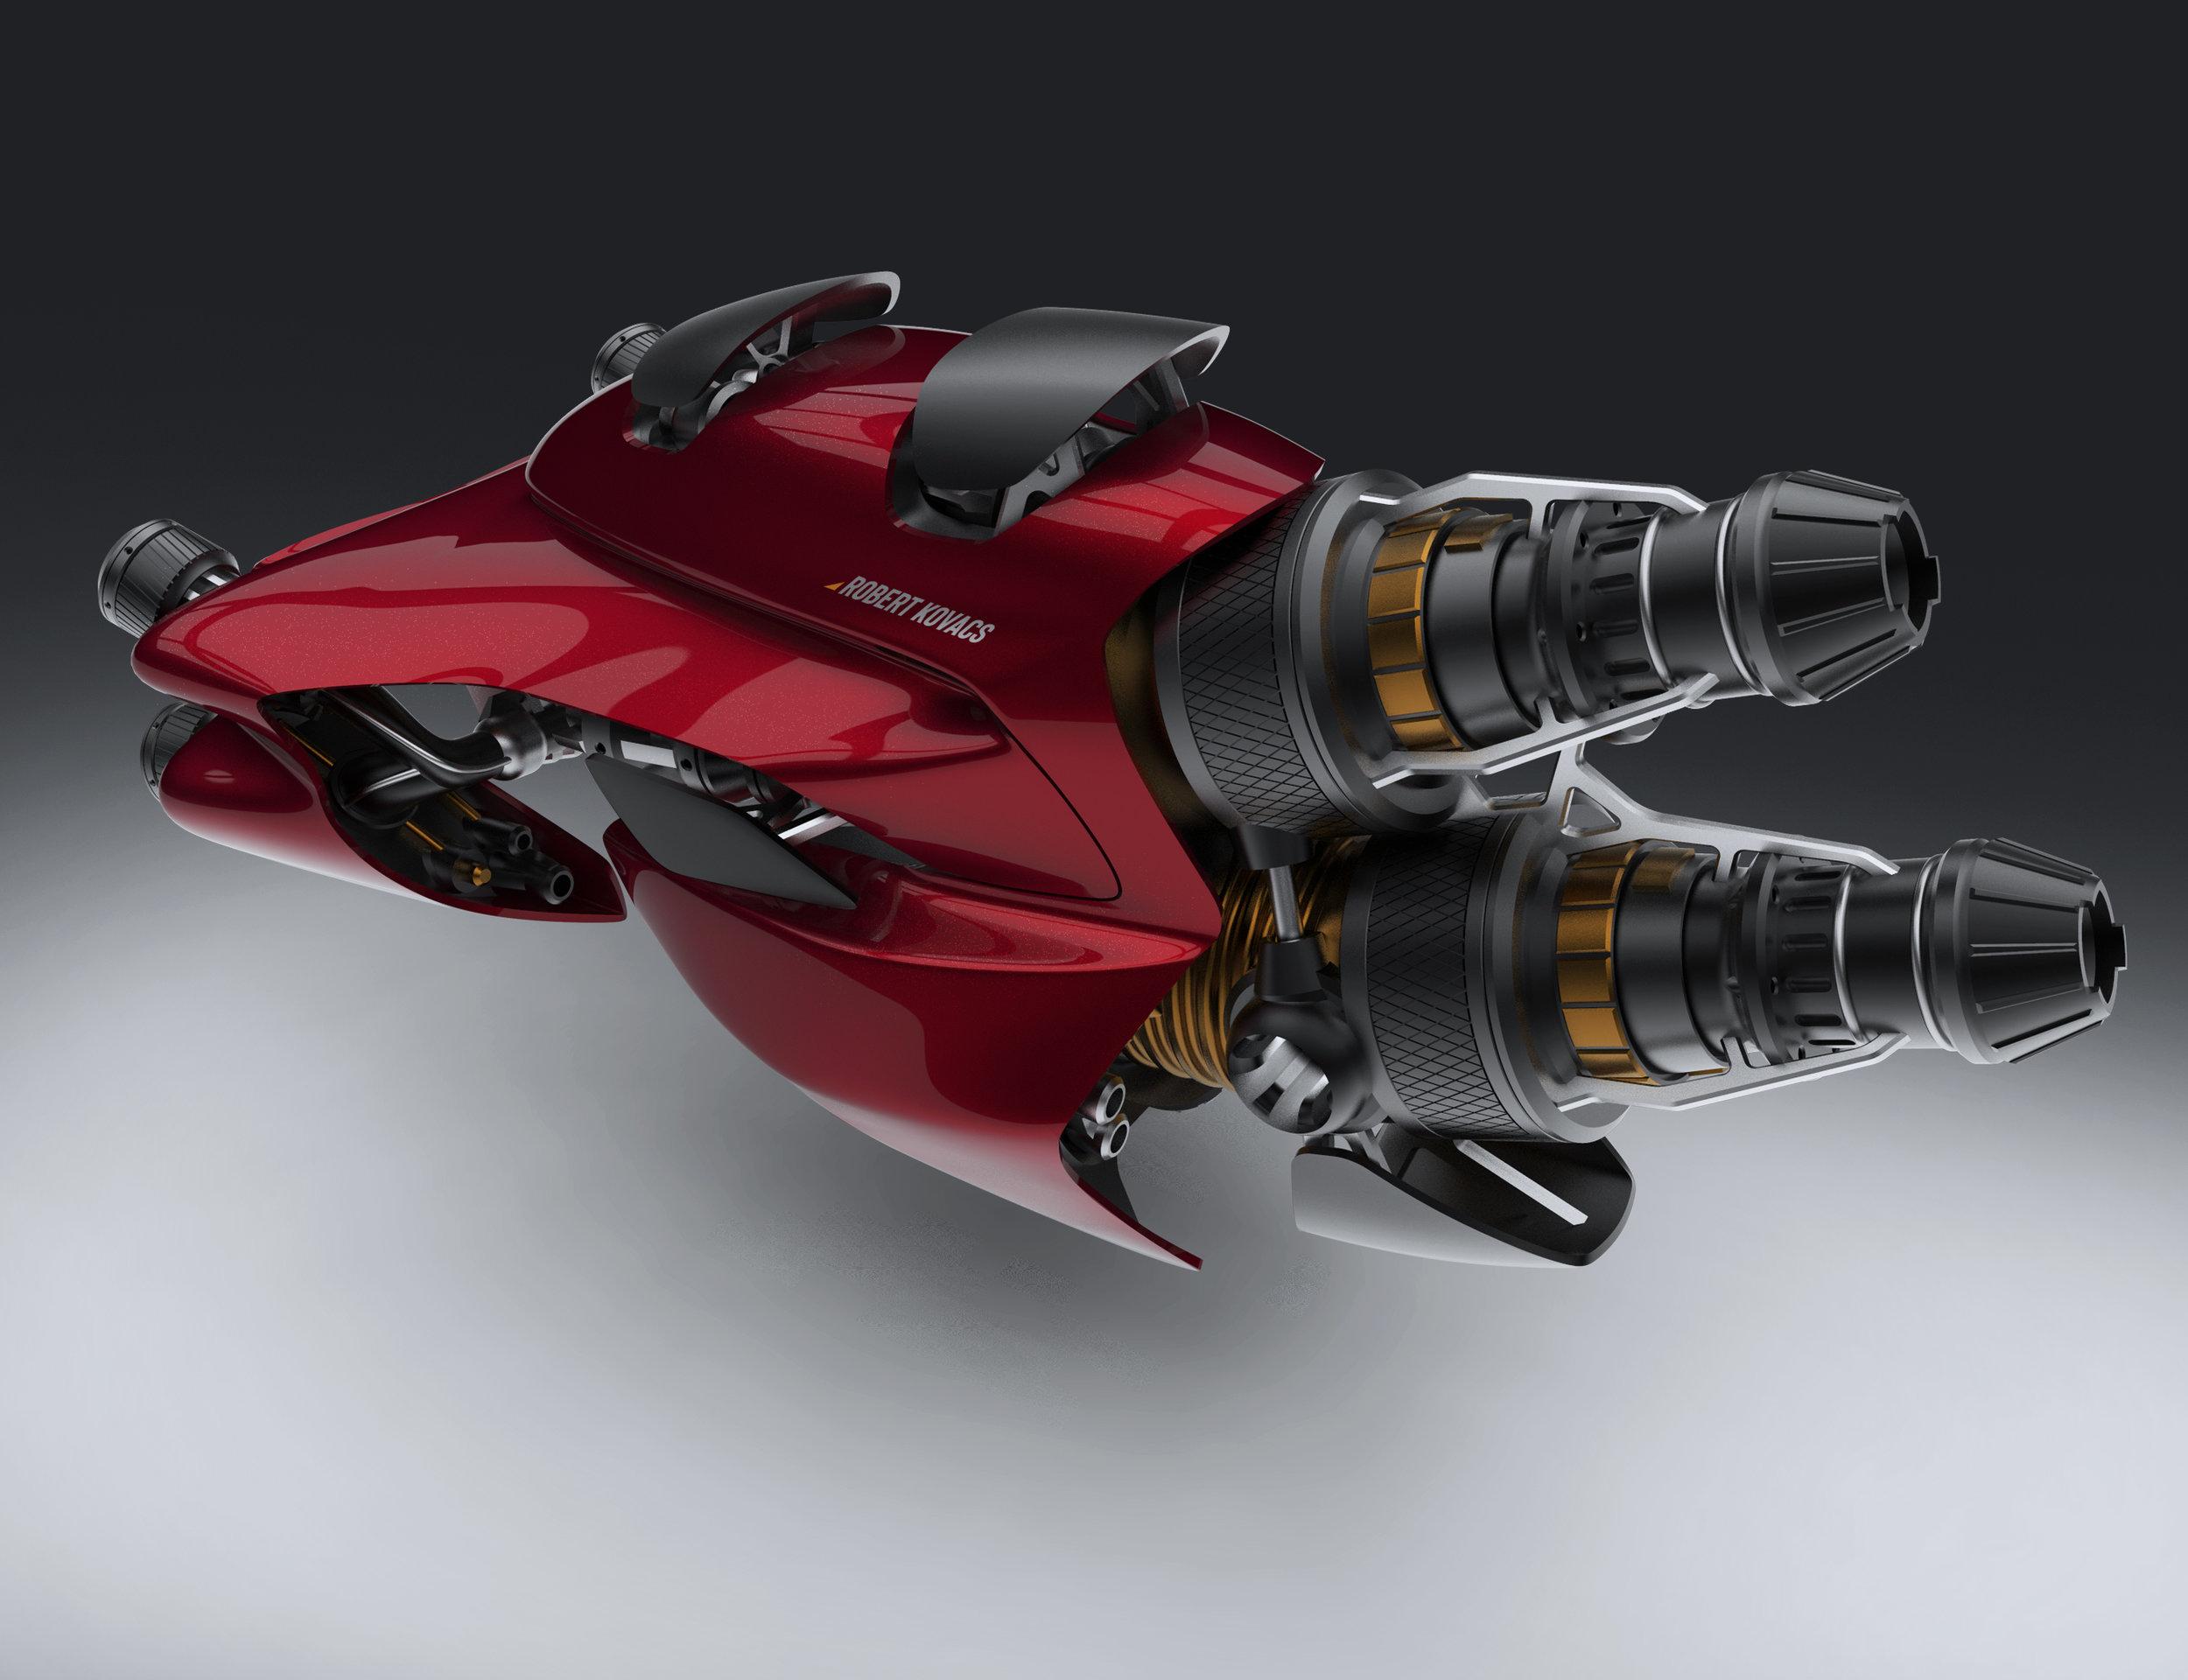 spacedrone_render_01.jpg